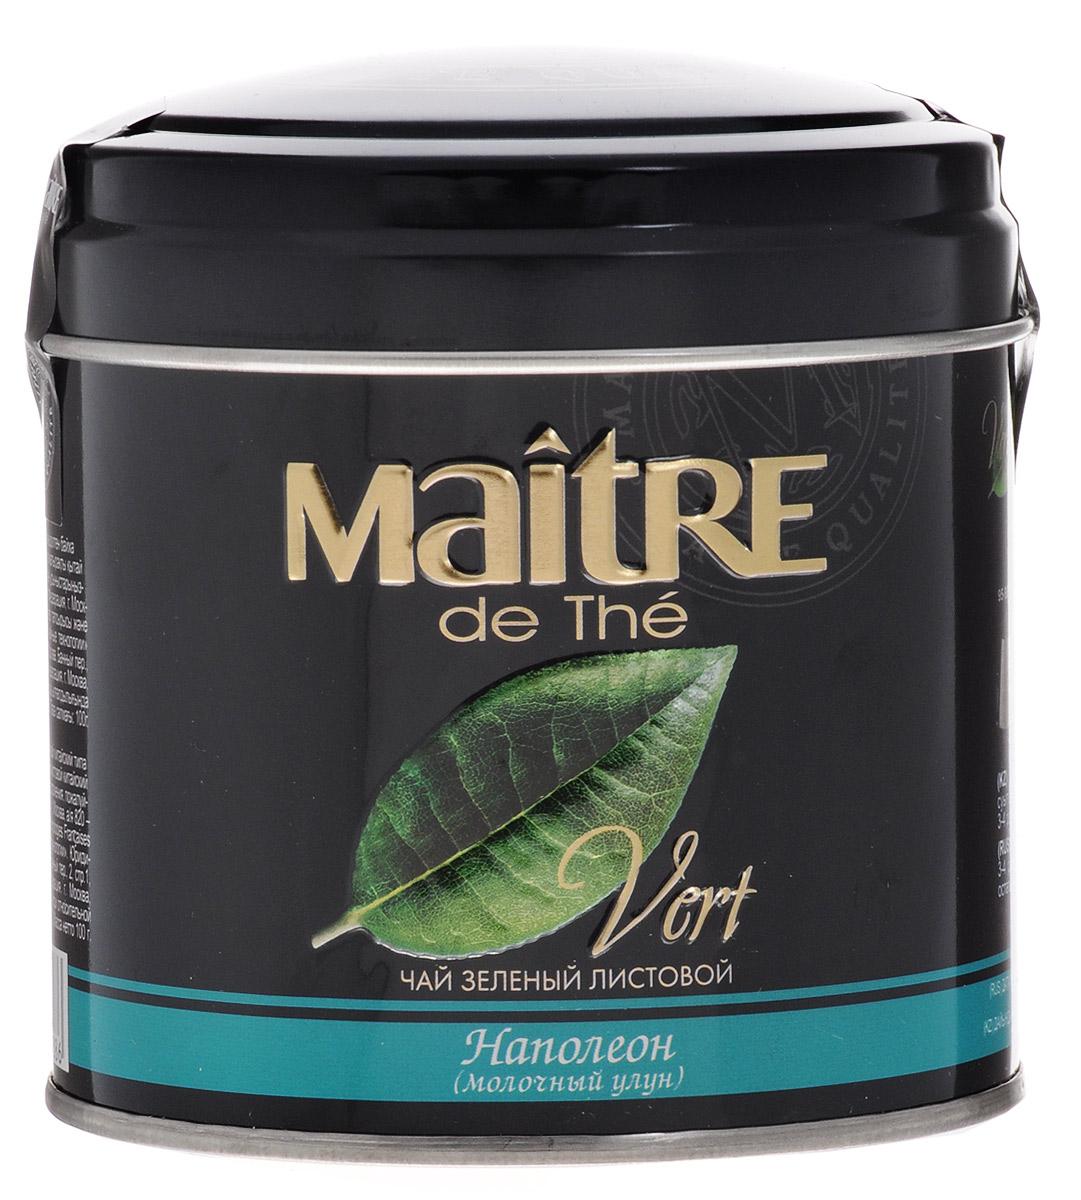 Фото Maitre de The Наполеон (Молочный улун) зеленый листовой чай, 100 г (жестяная банка). Купить  в РФ